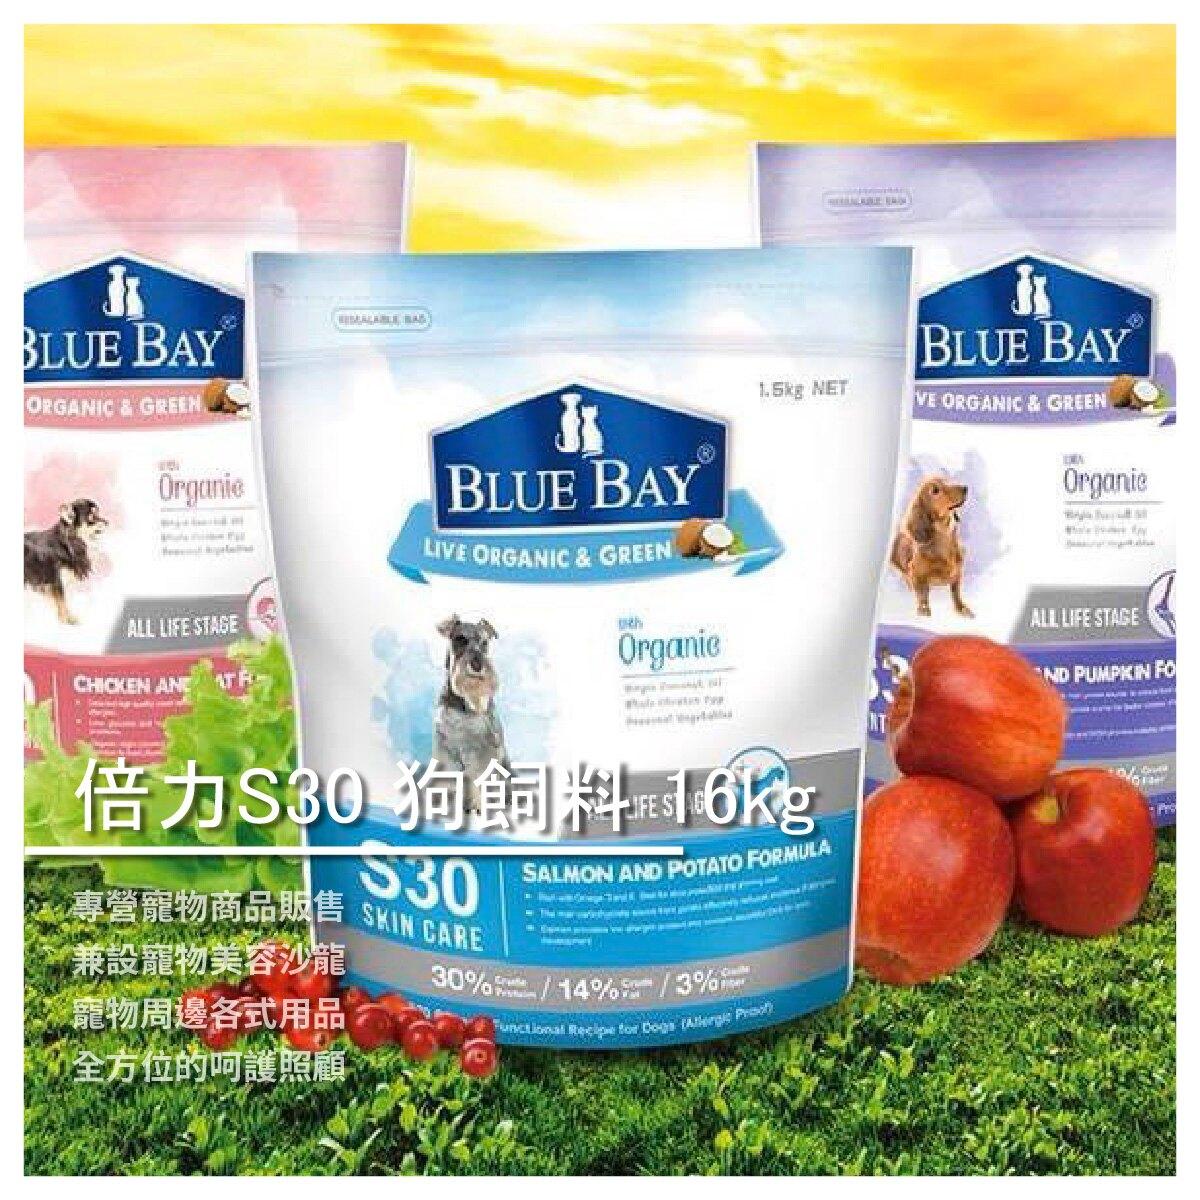 【芽比寵物 芽比生活百貨】倍力S30 狗飼料 16kg/包/三款口味